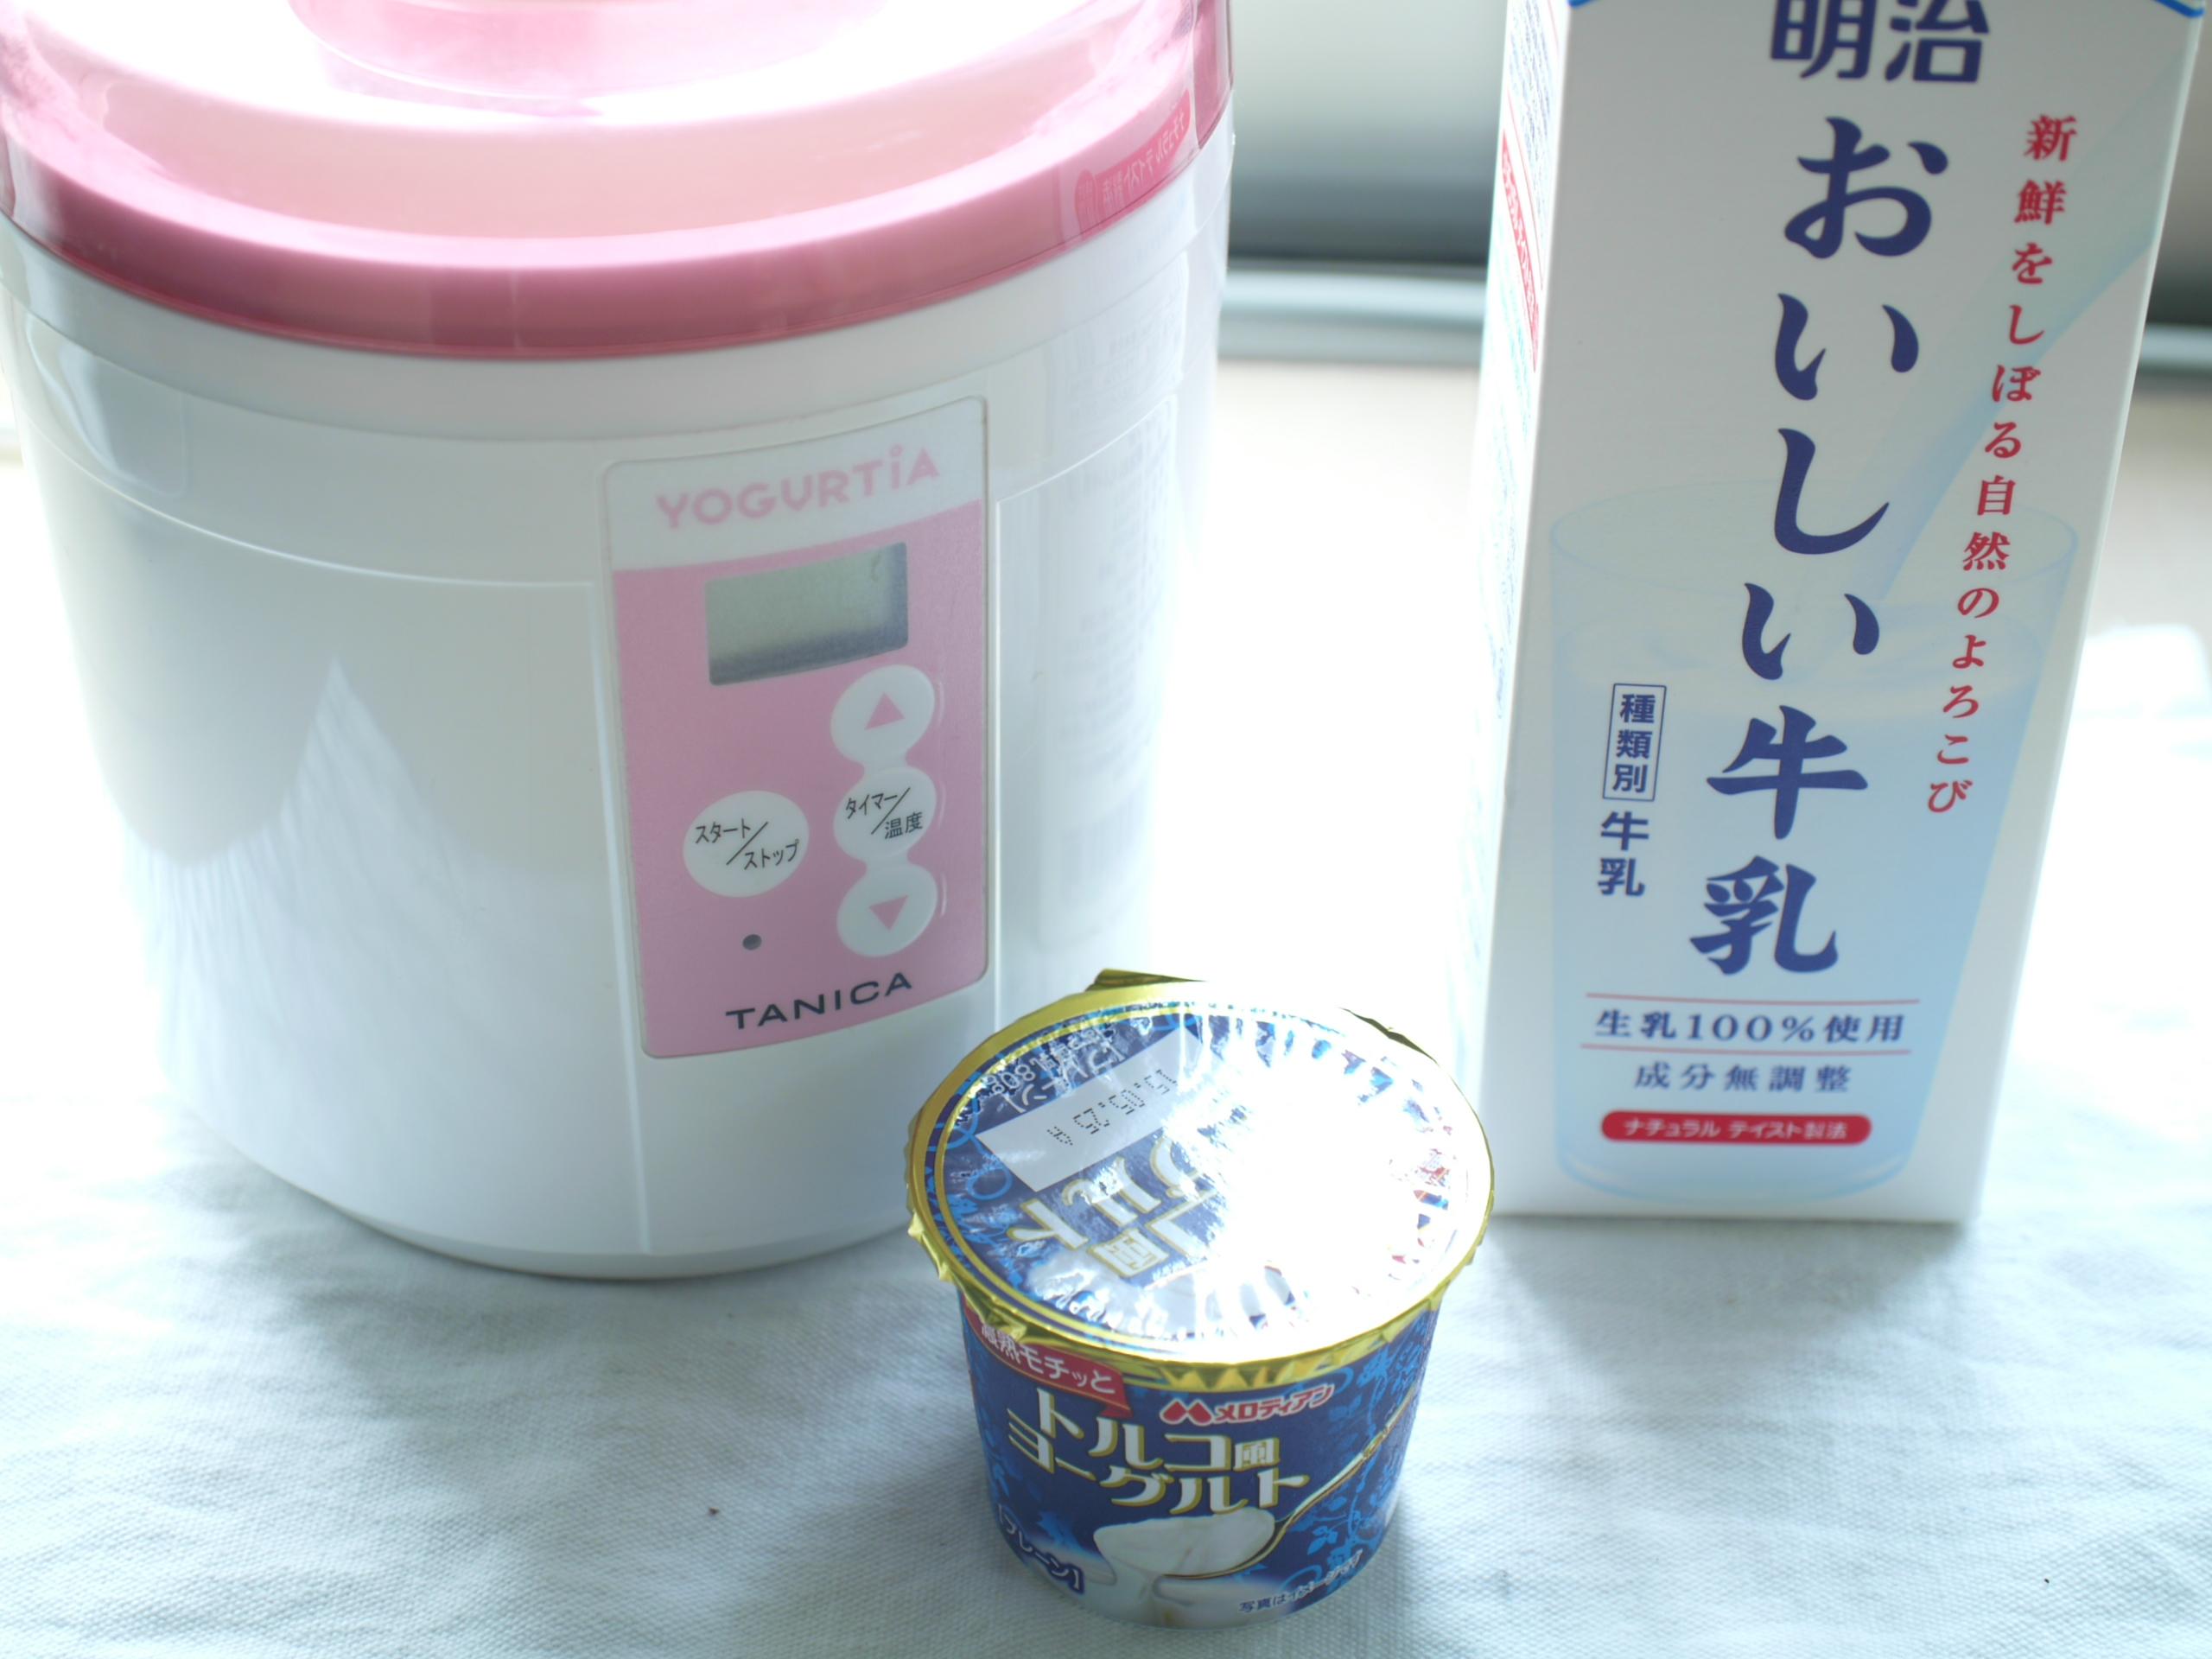 ヨーグルティア、おいしい牛乳、トルコ風ヨーグルト